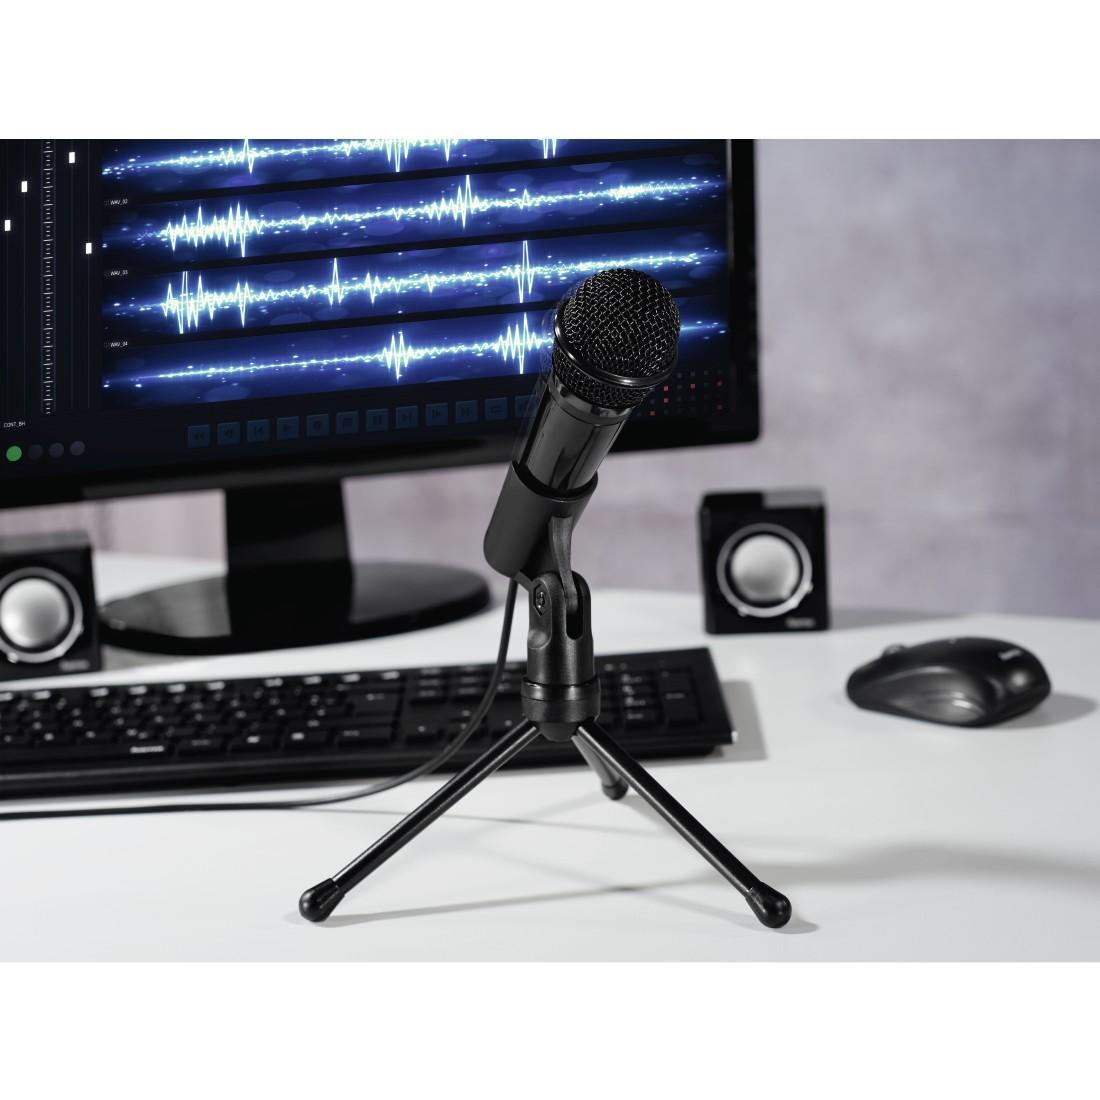 Настолен микрофон HAMA MIC-P35 Allround, за PC/лаптоп, 3.5 mm жак, Черен-3